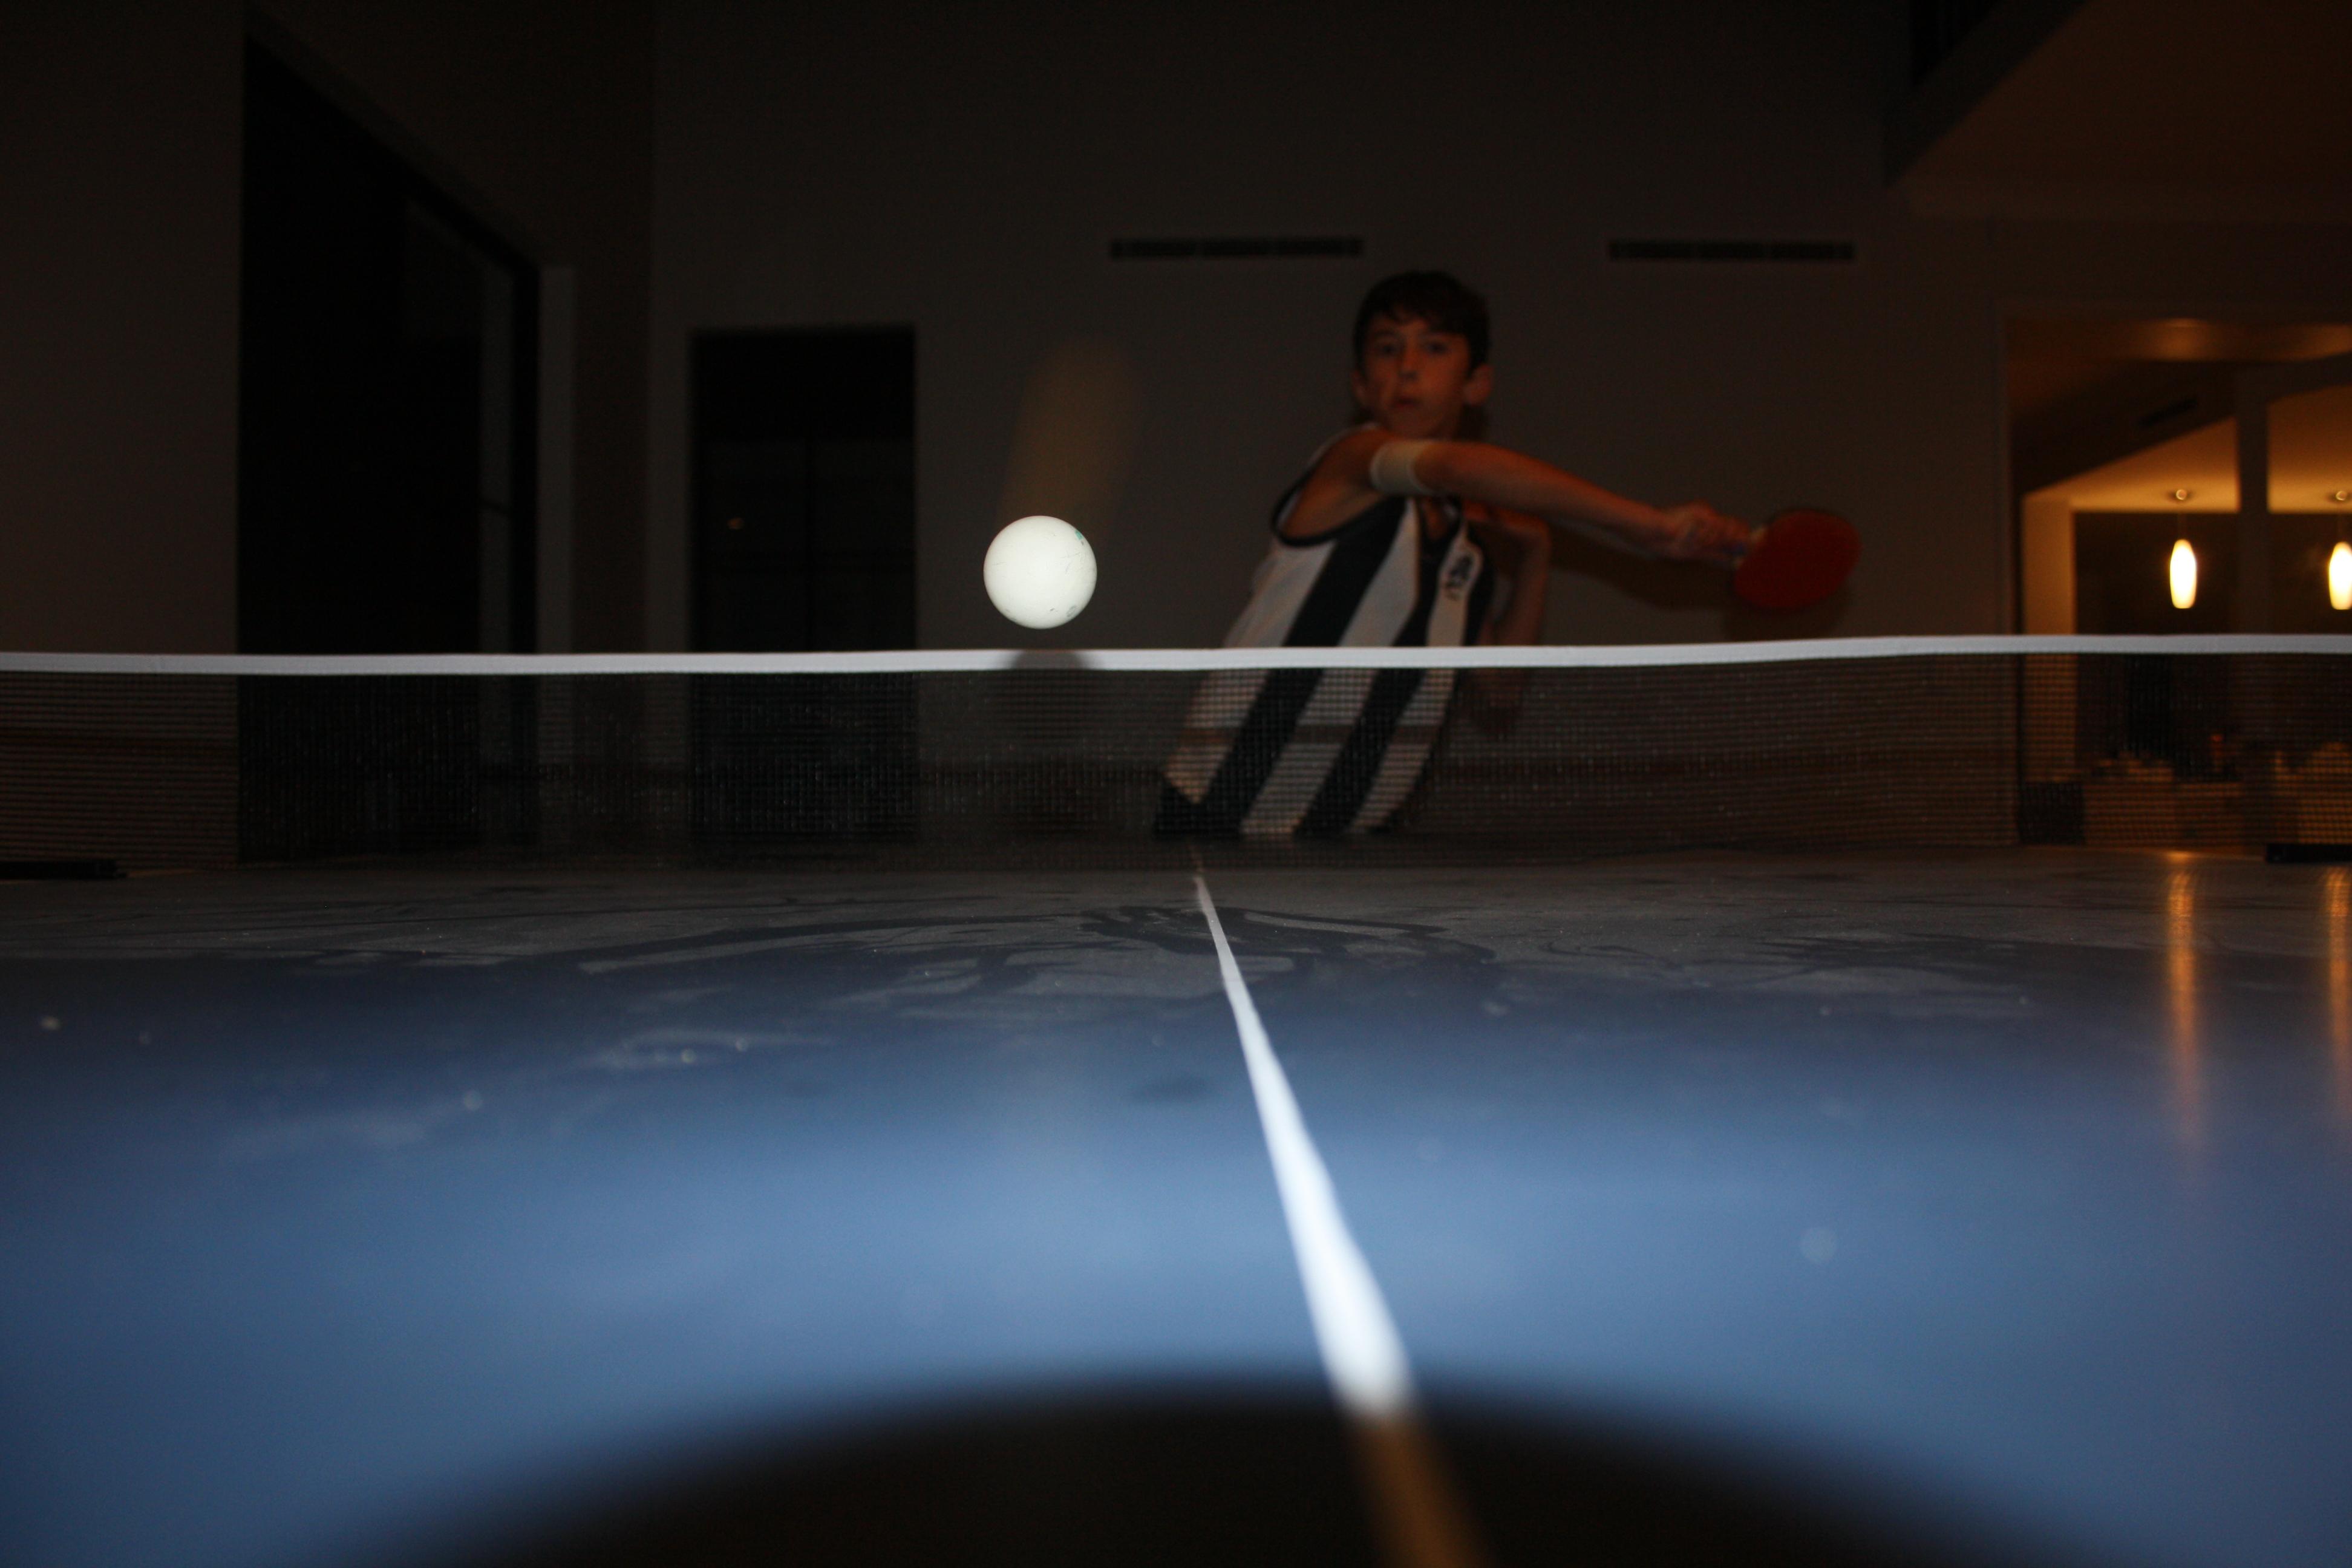 Ping Pong Shot